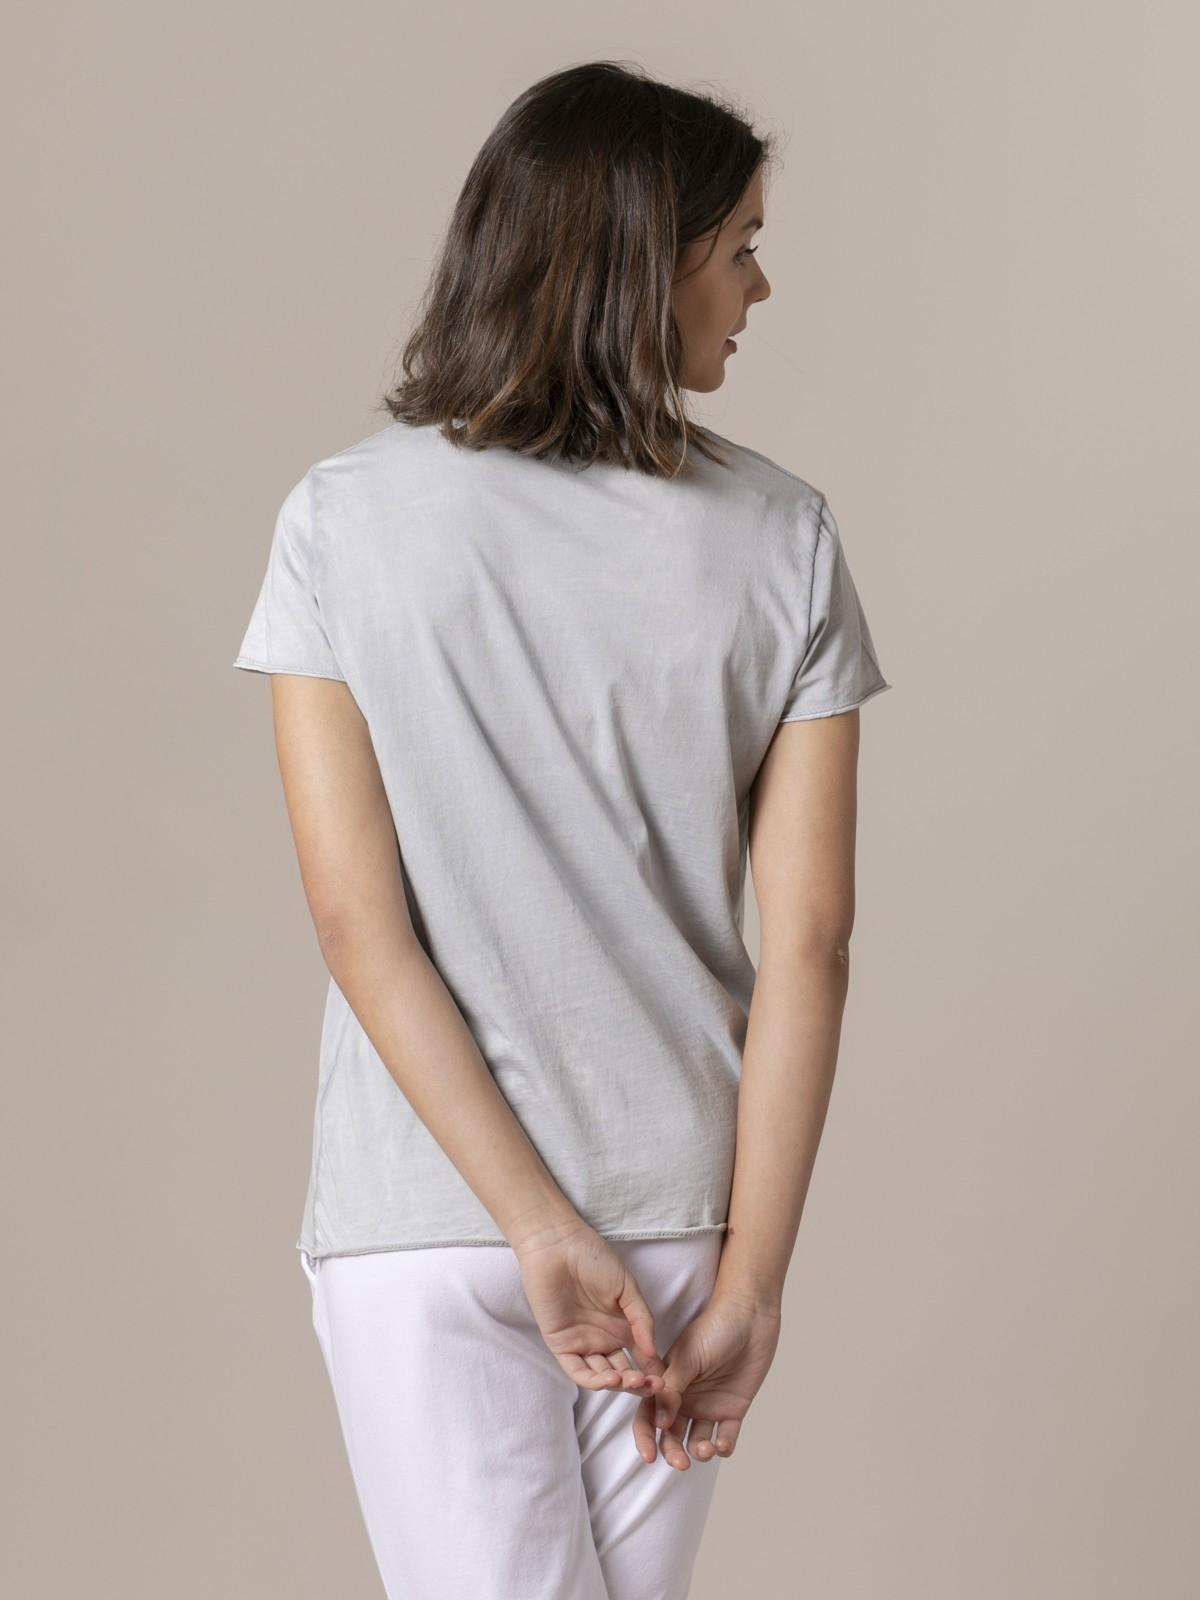 Camiseta mujer lisa tinte eco Gris